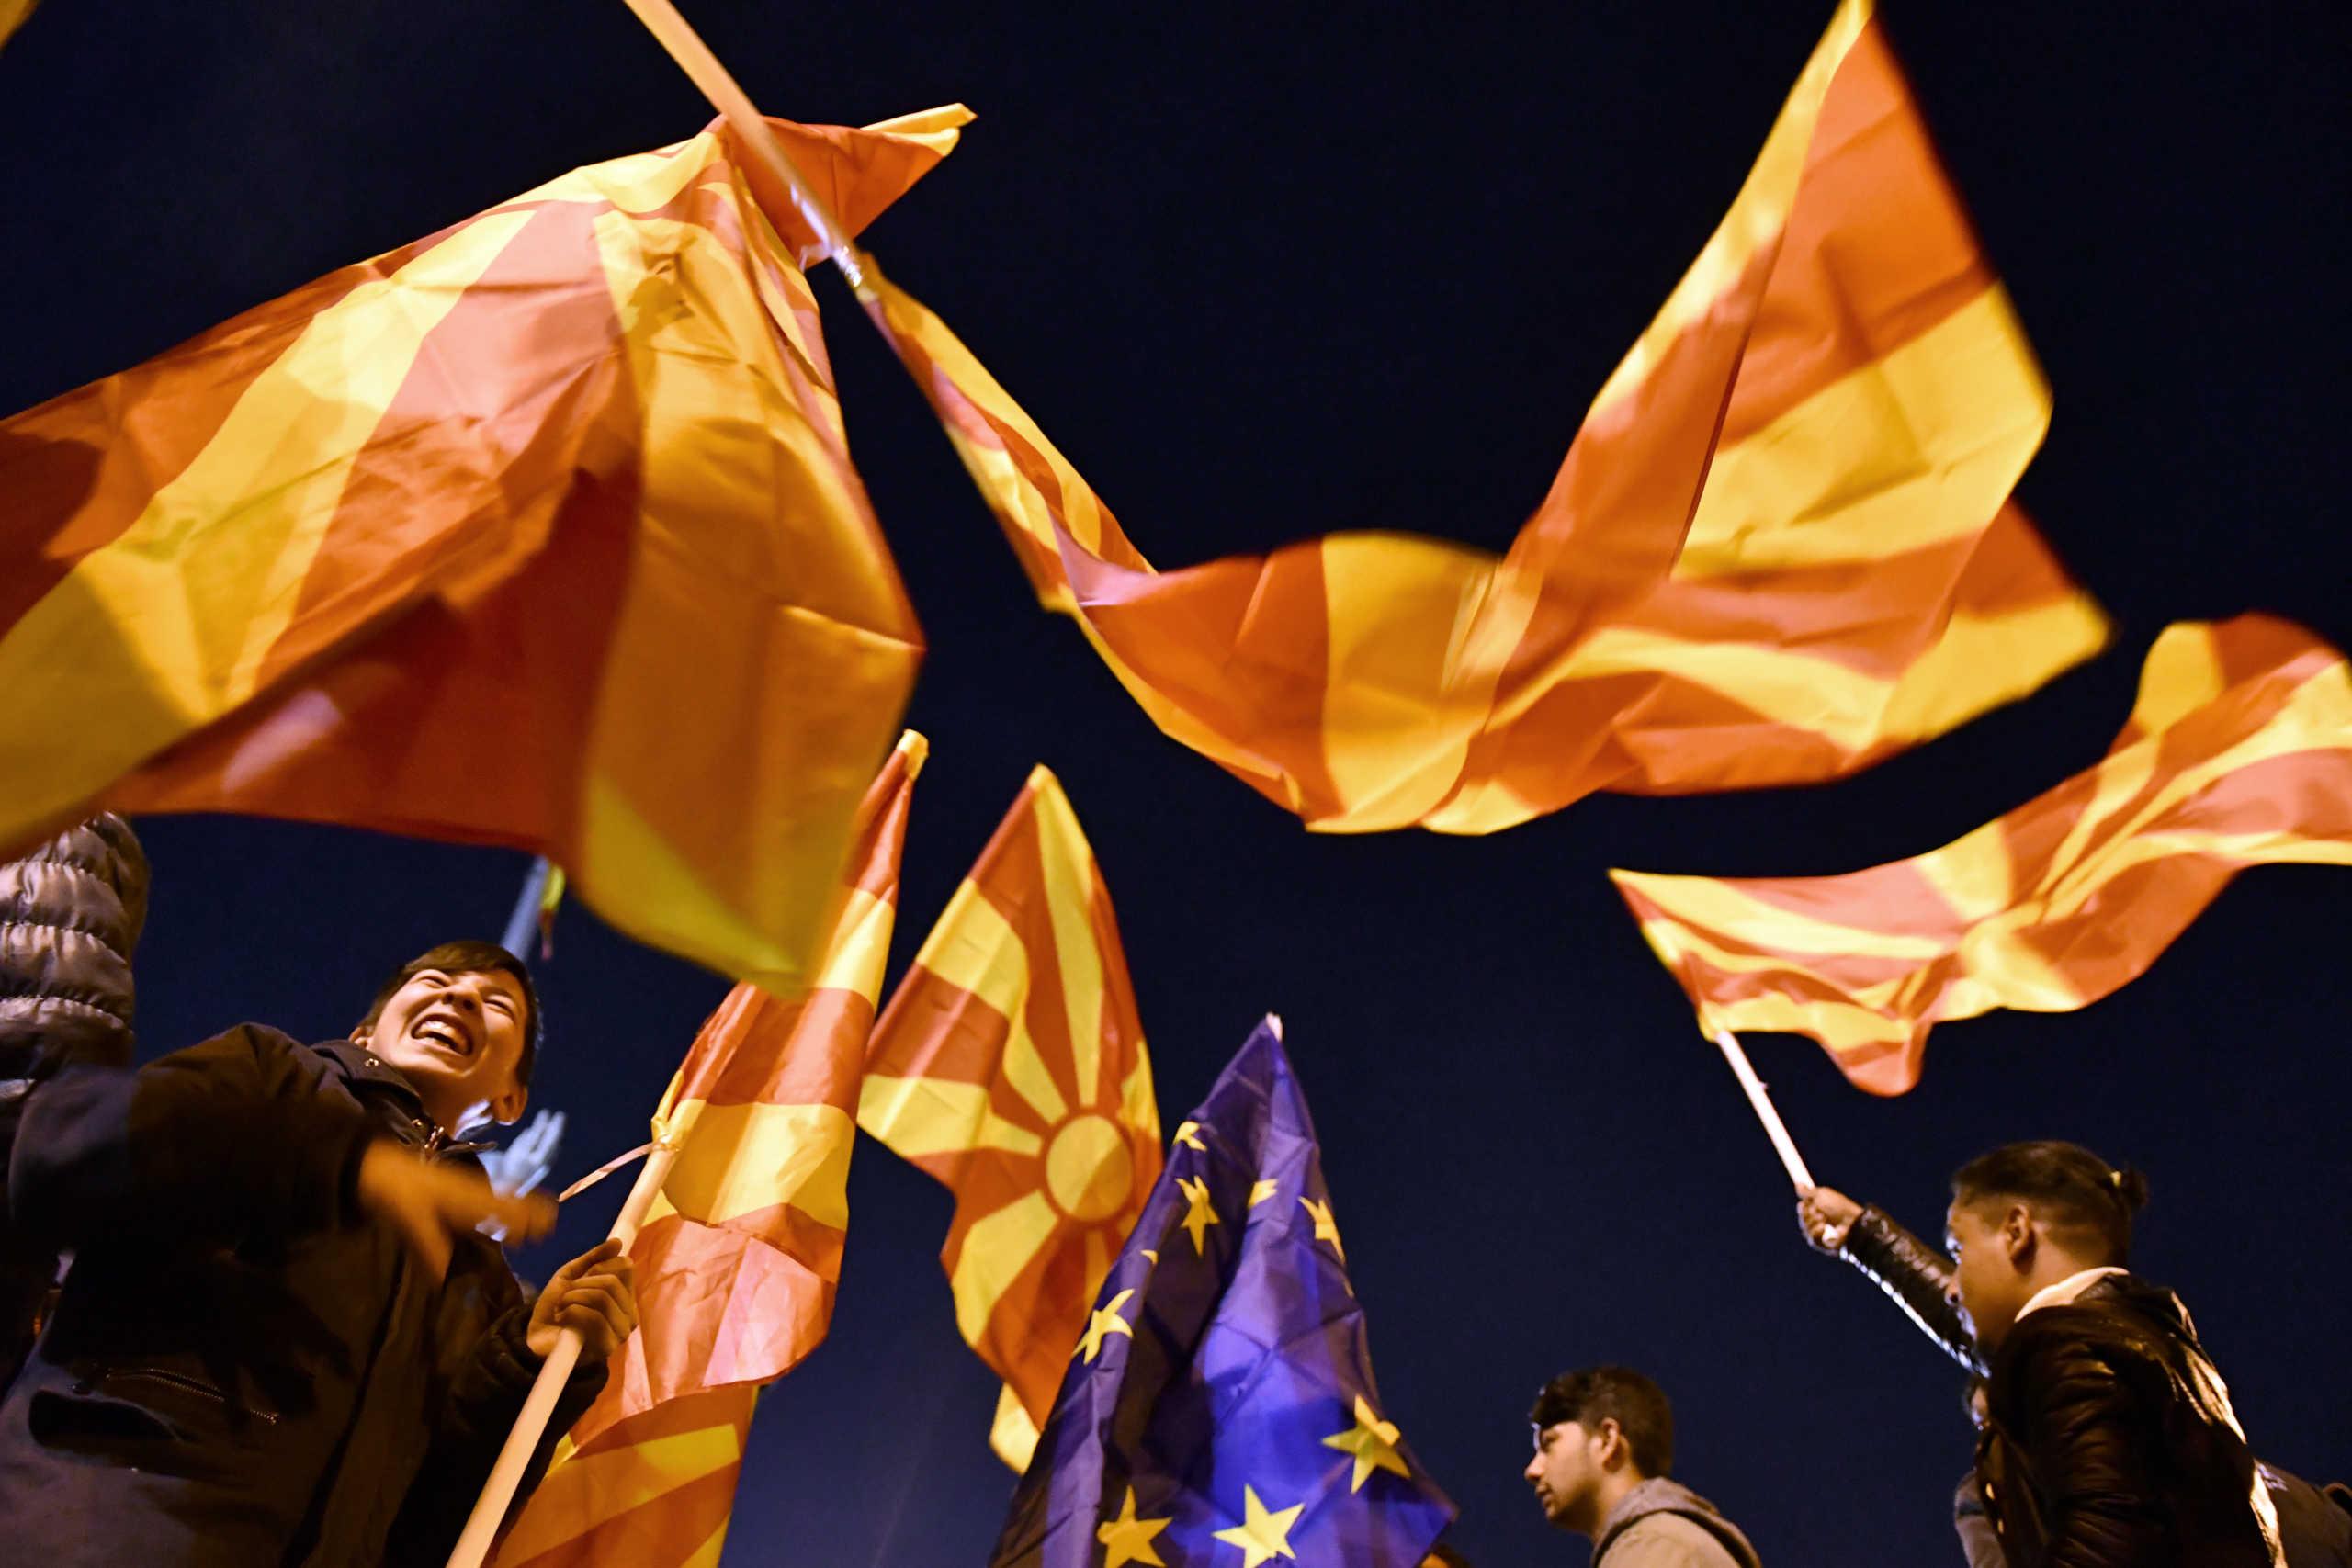 Βόρεια Μακεδονία: Ένας χρόνος από την ένταξη στο ΝΑΤΟ